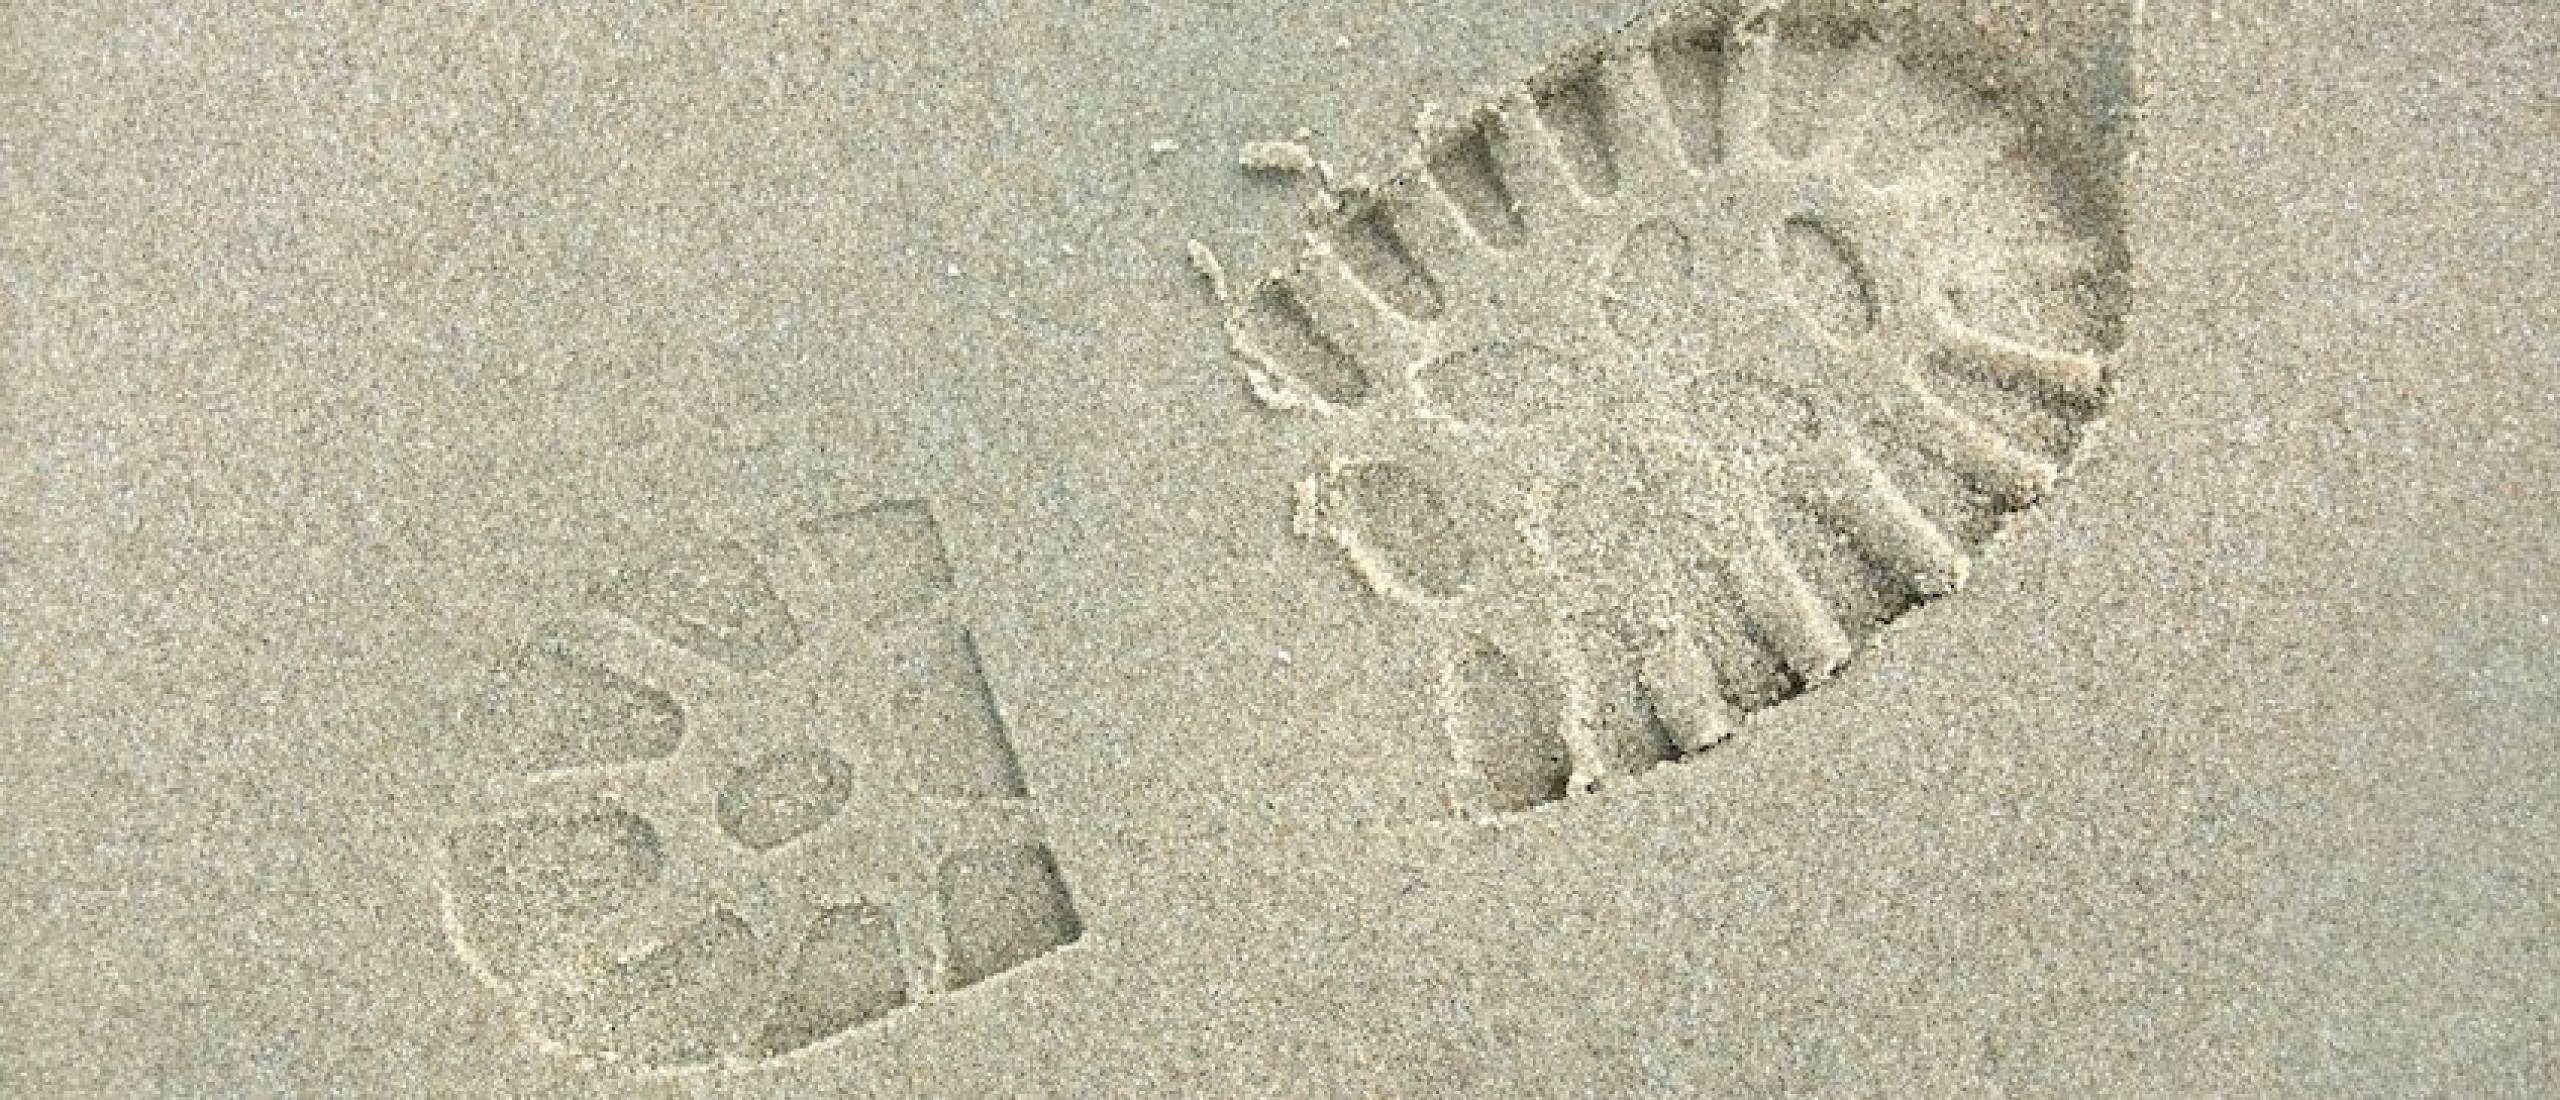 80 Tips die helpen om je ecologische voetafdruk te verkleinen